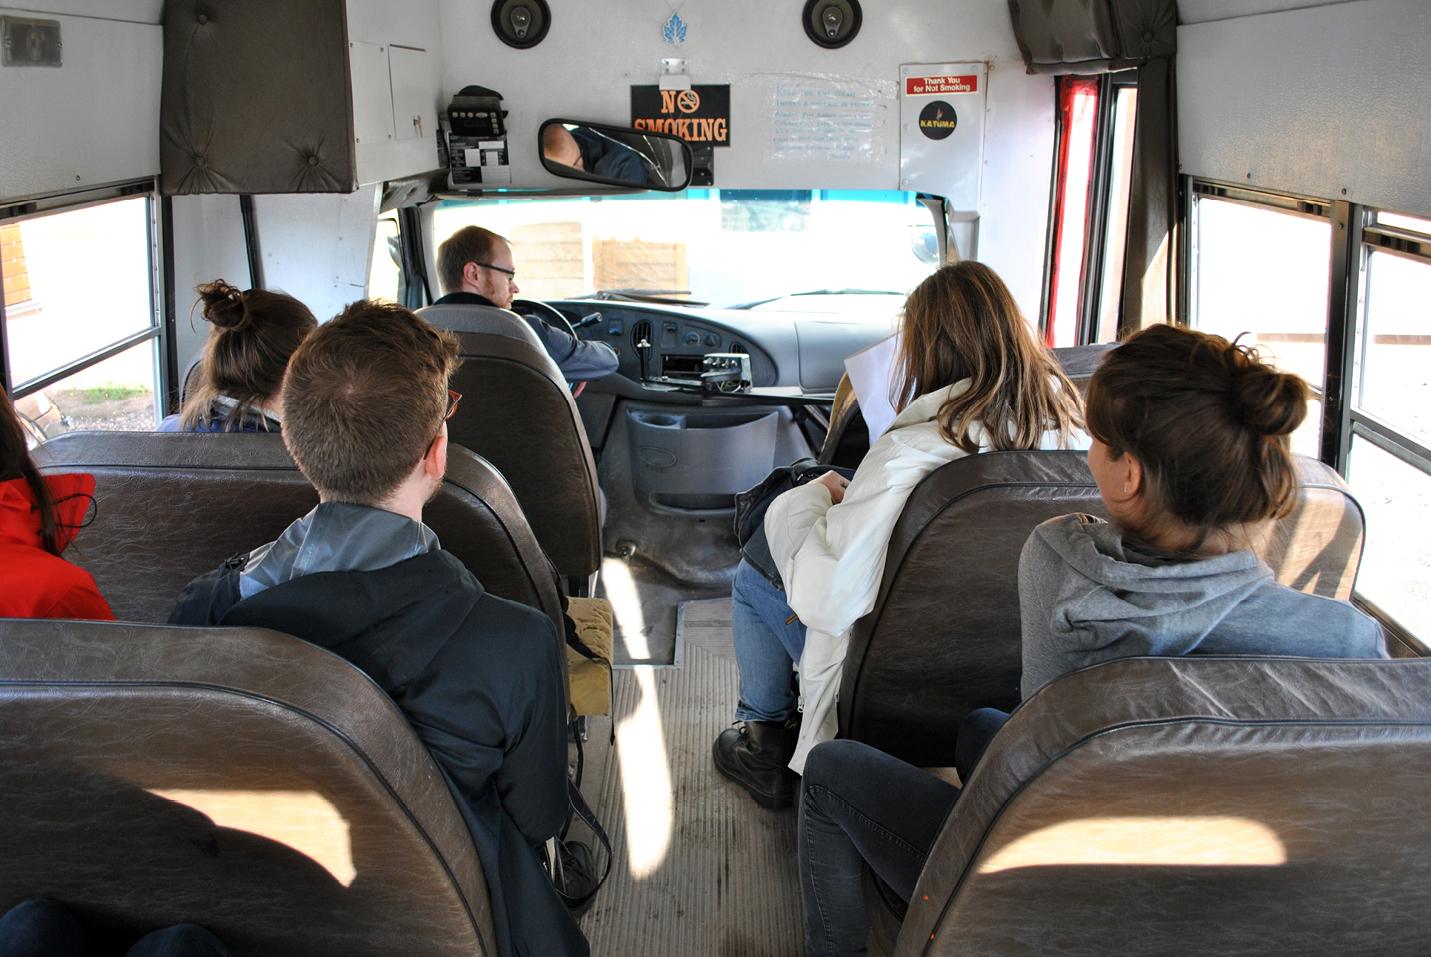 L'équipe retourne à la maison en autobus.